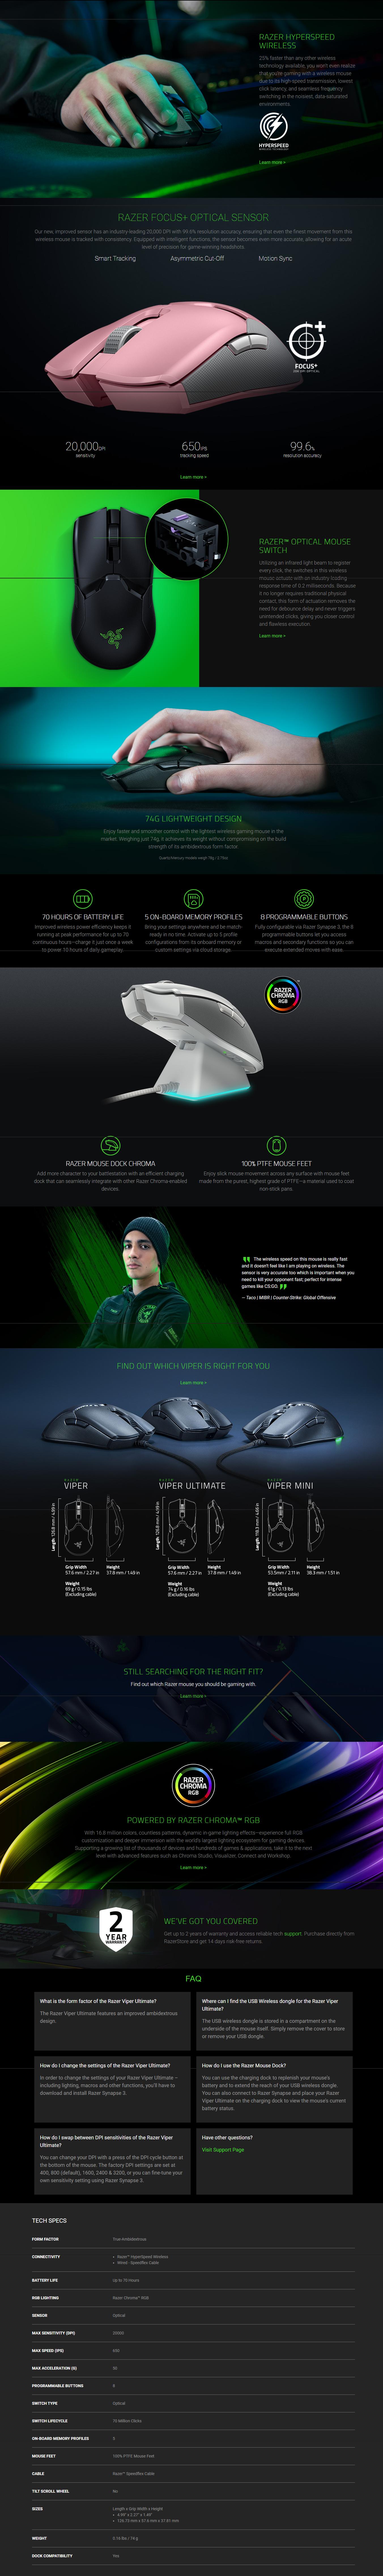 Razer Viper Gaming Mice